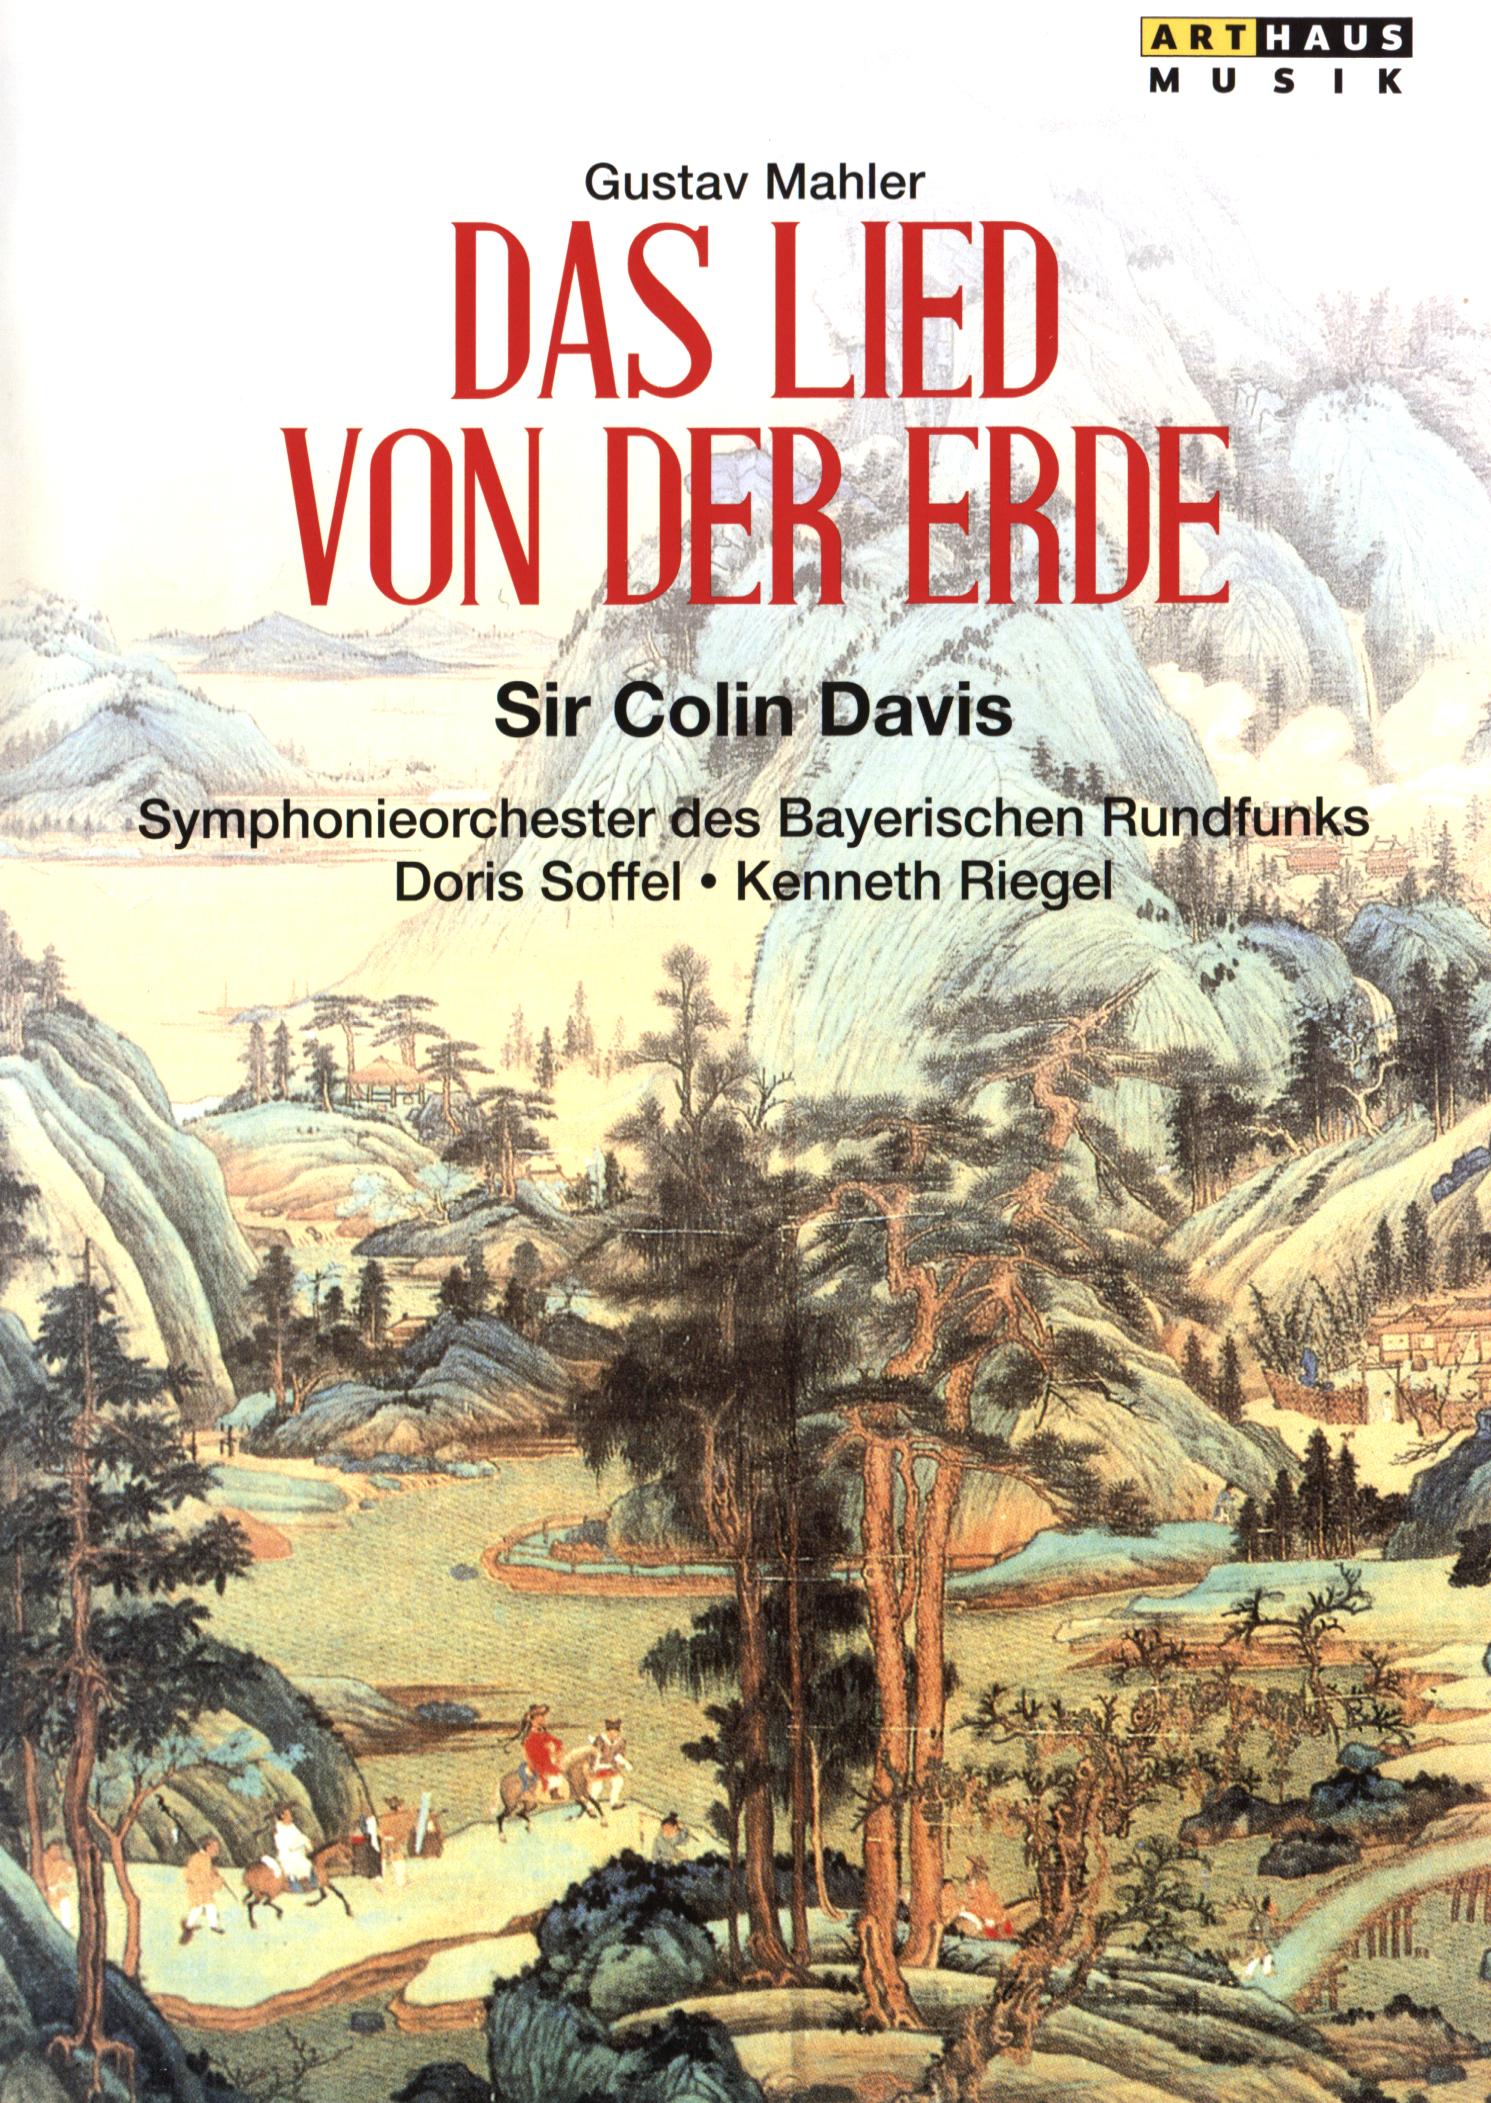 Sir Colin Davis: Gustav Mahler - Das Lied von der Erde